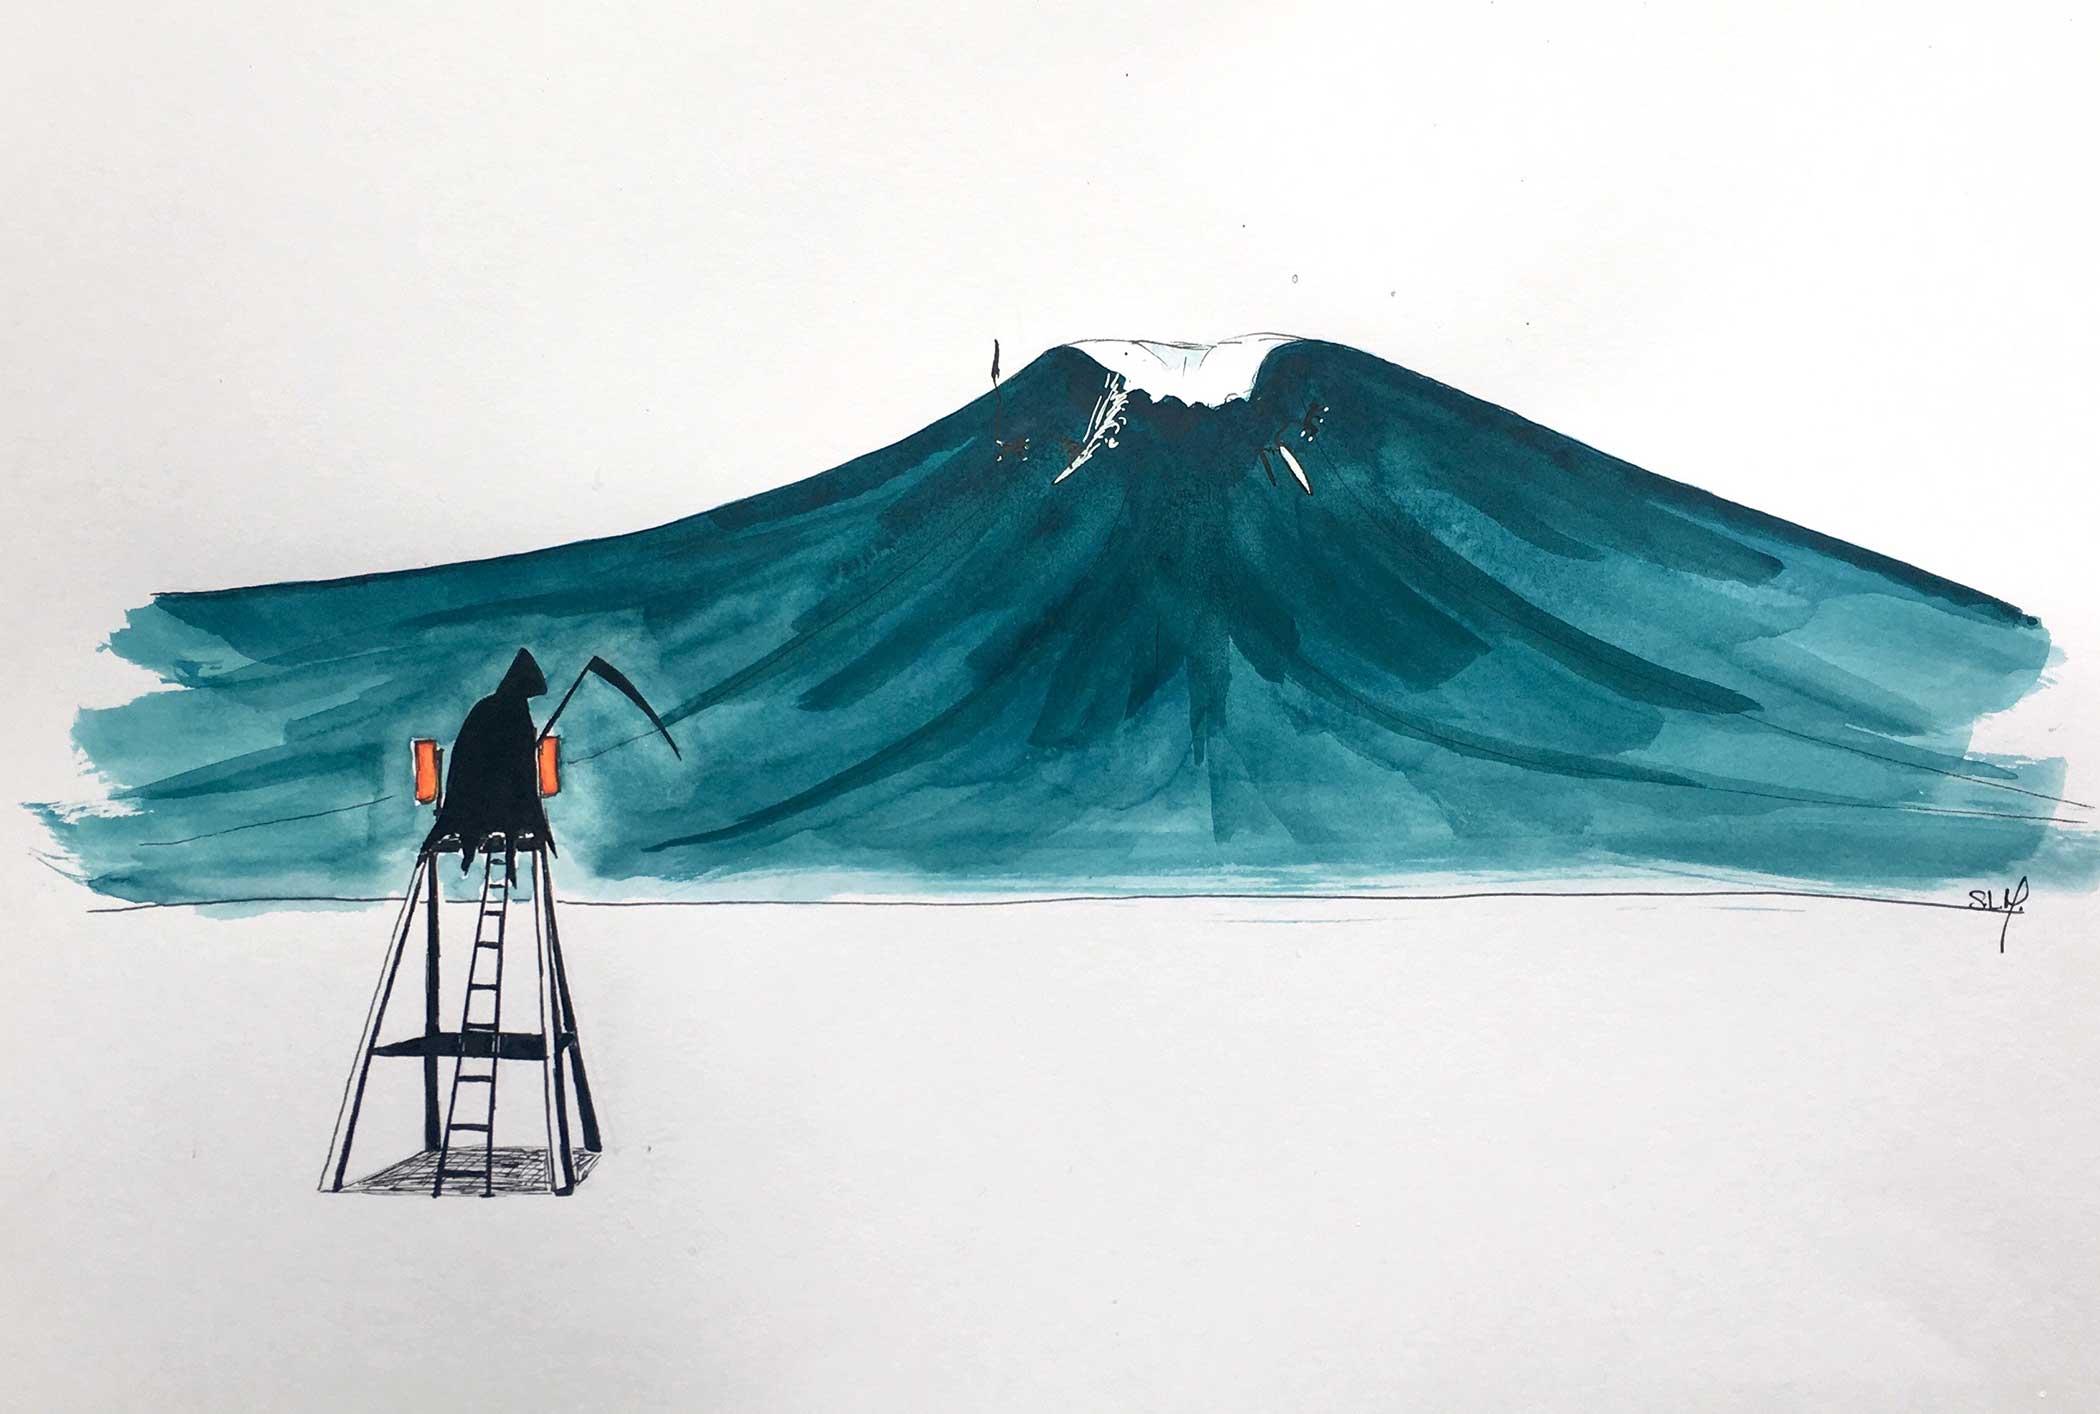 Grim Reaper Encre et Aquarelle sur papier A3 (29,7cm x 42cm) 2018